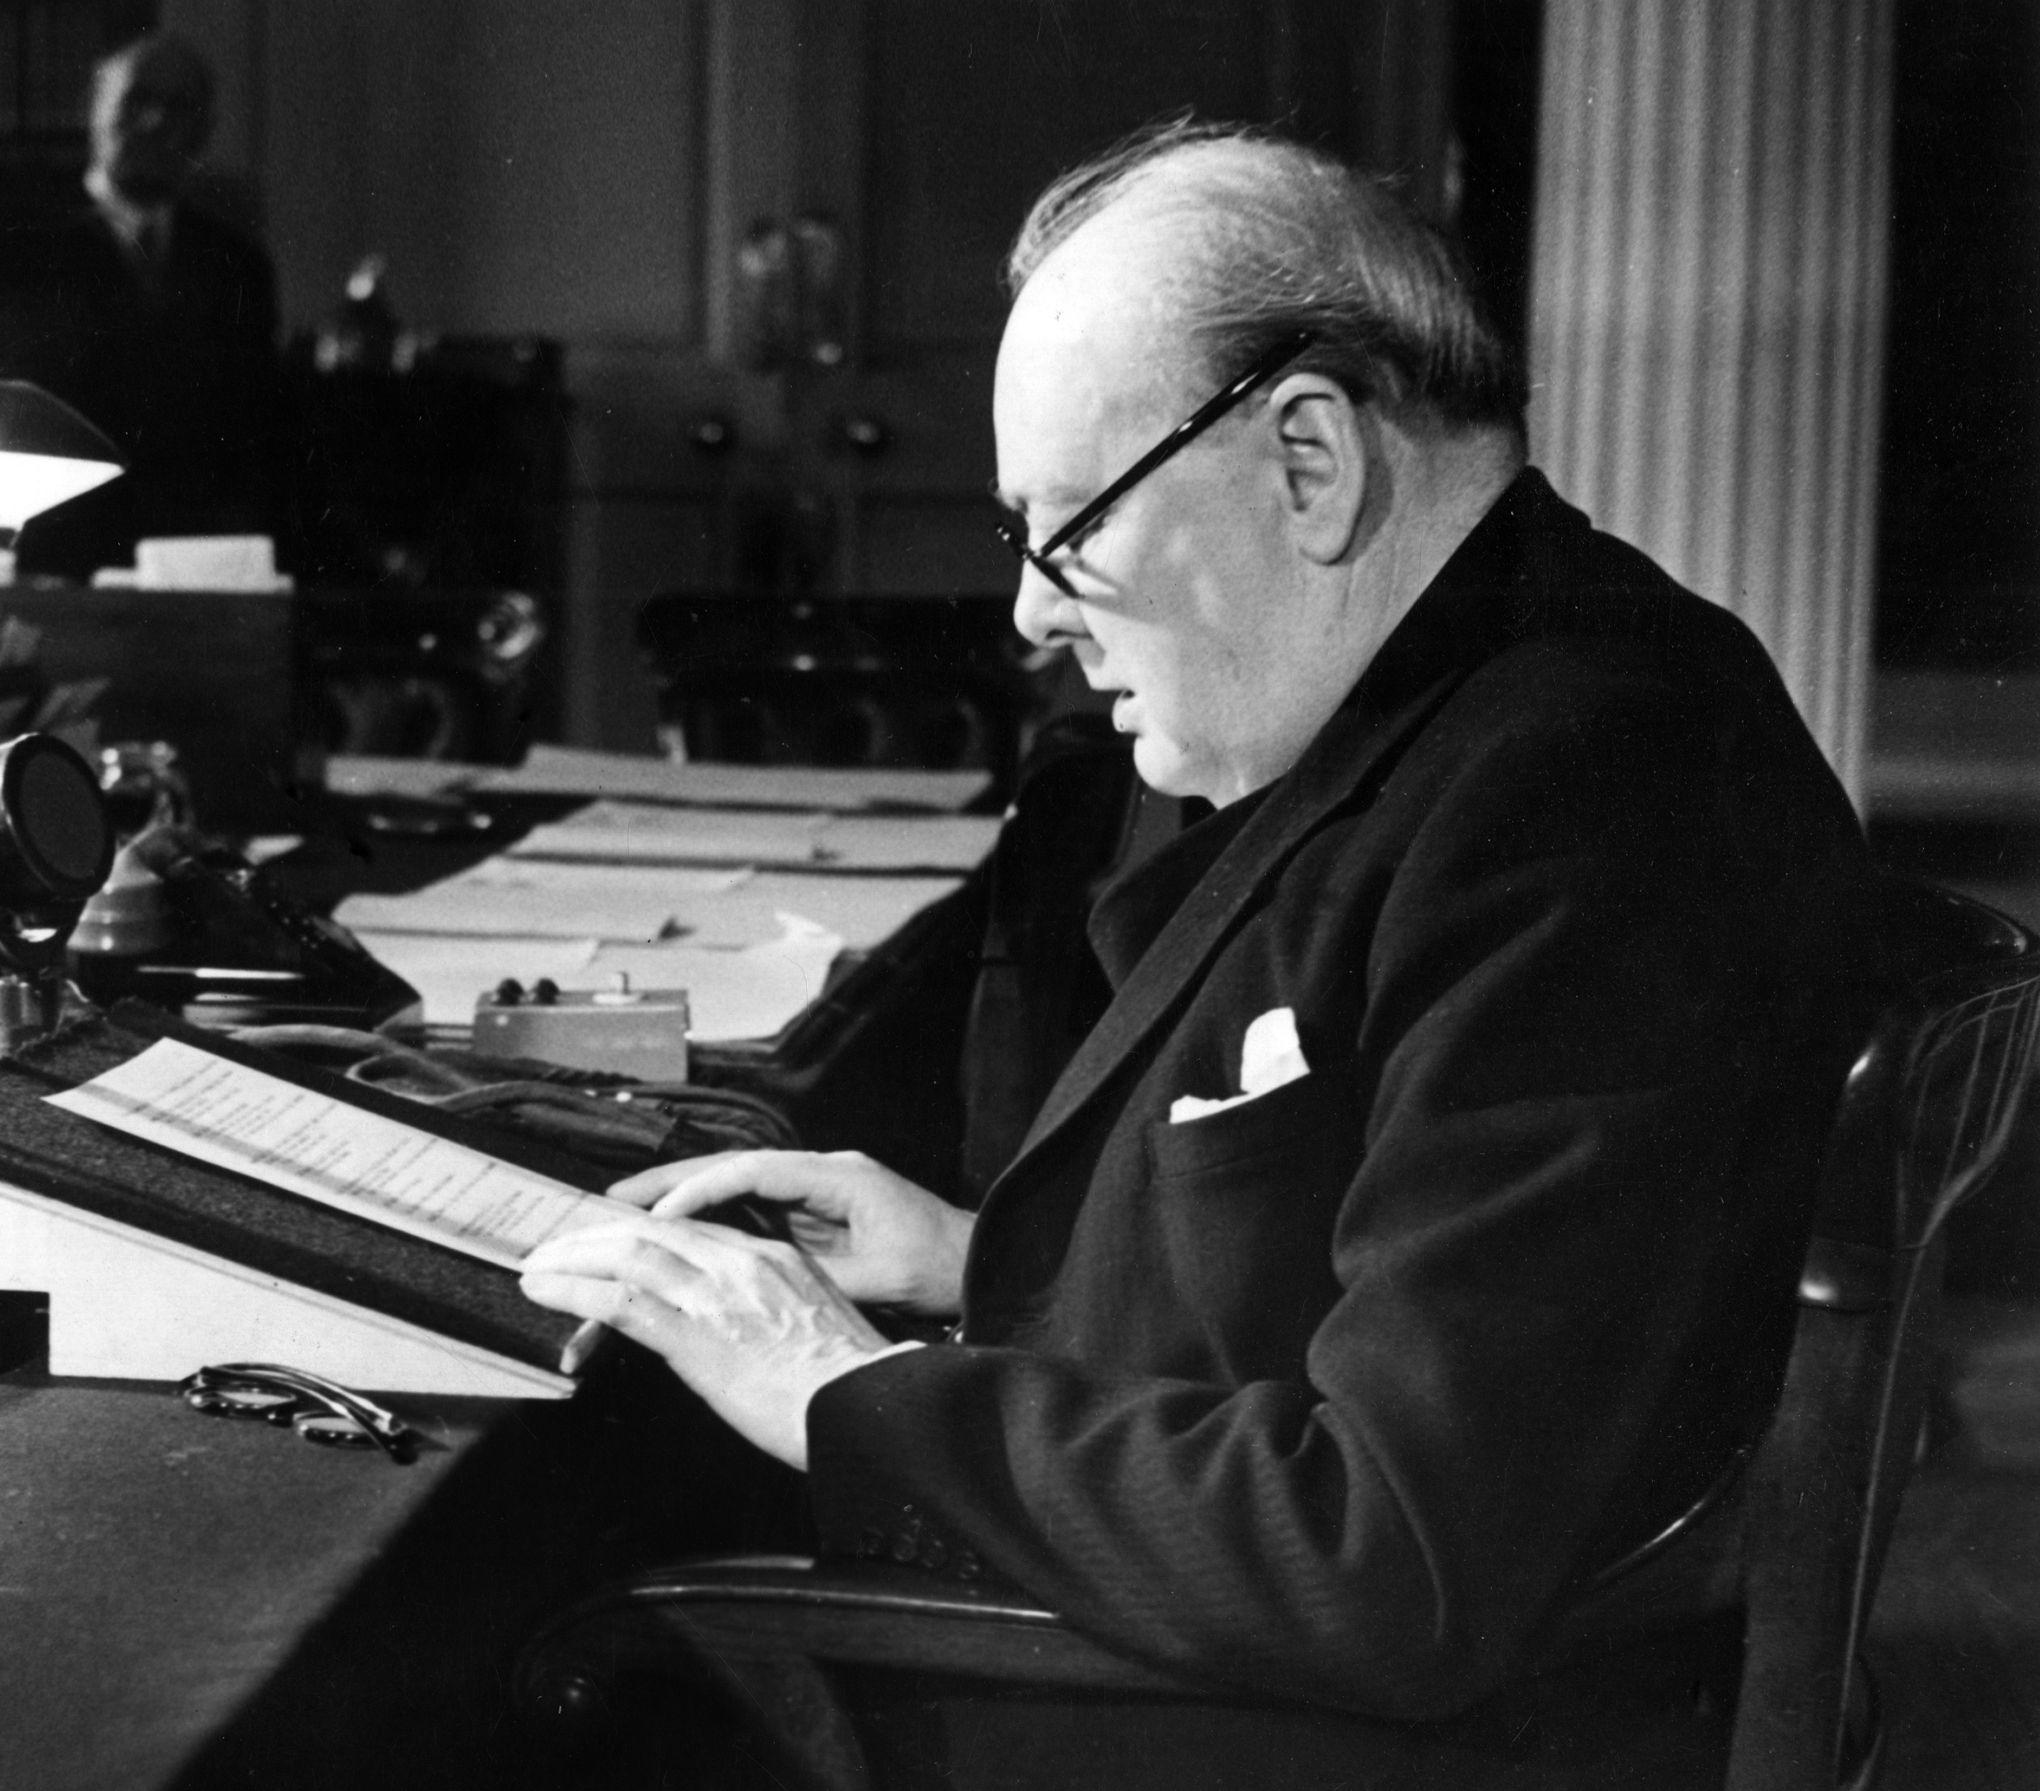 Le 5 mars 1946, Churchill s\'exclame : «Un rideau de fer s\'est abattu»